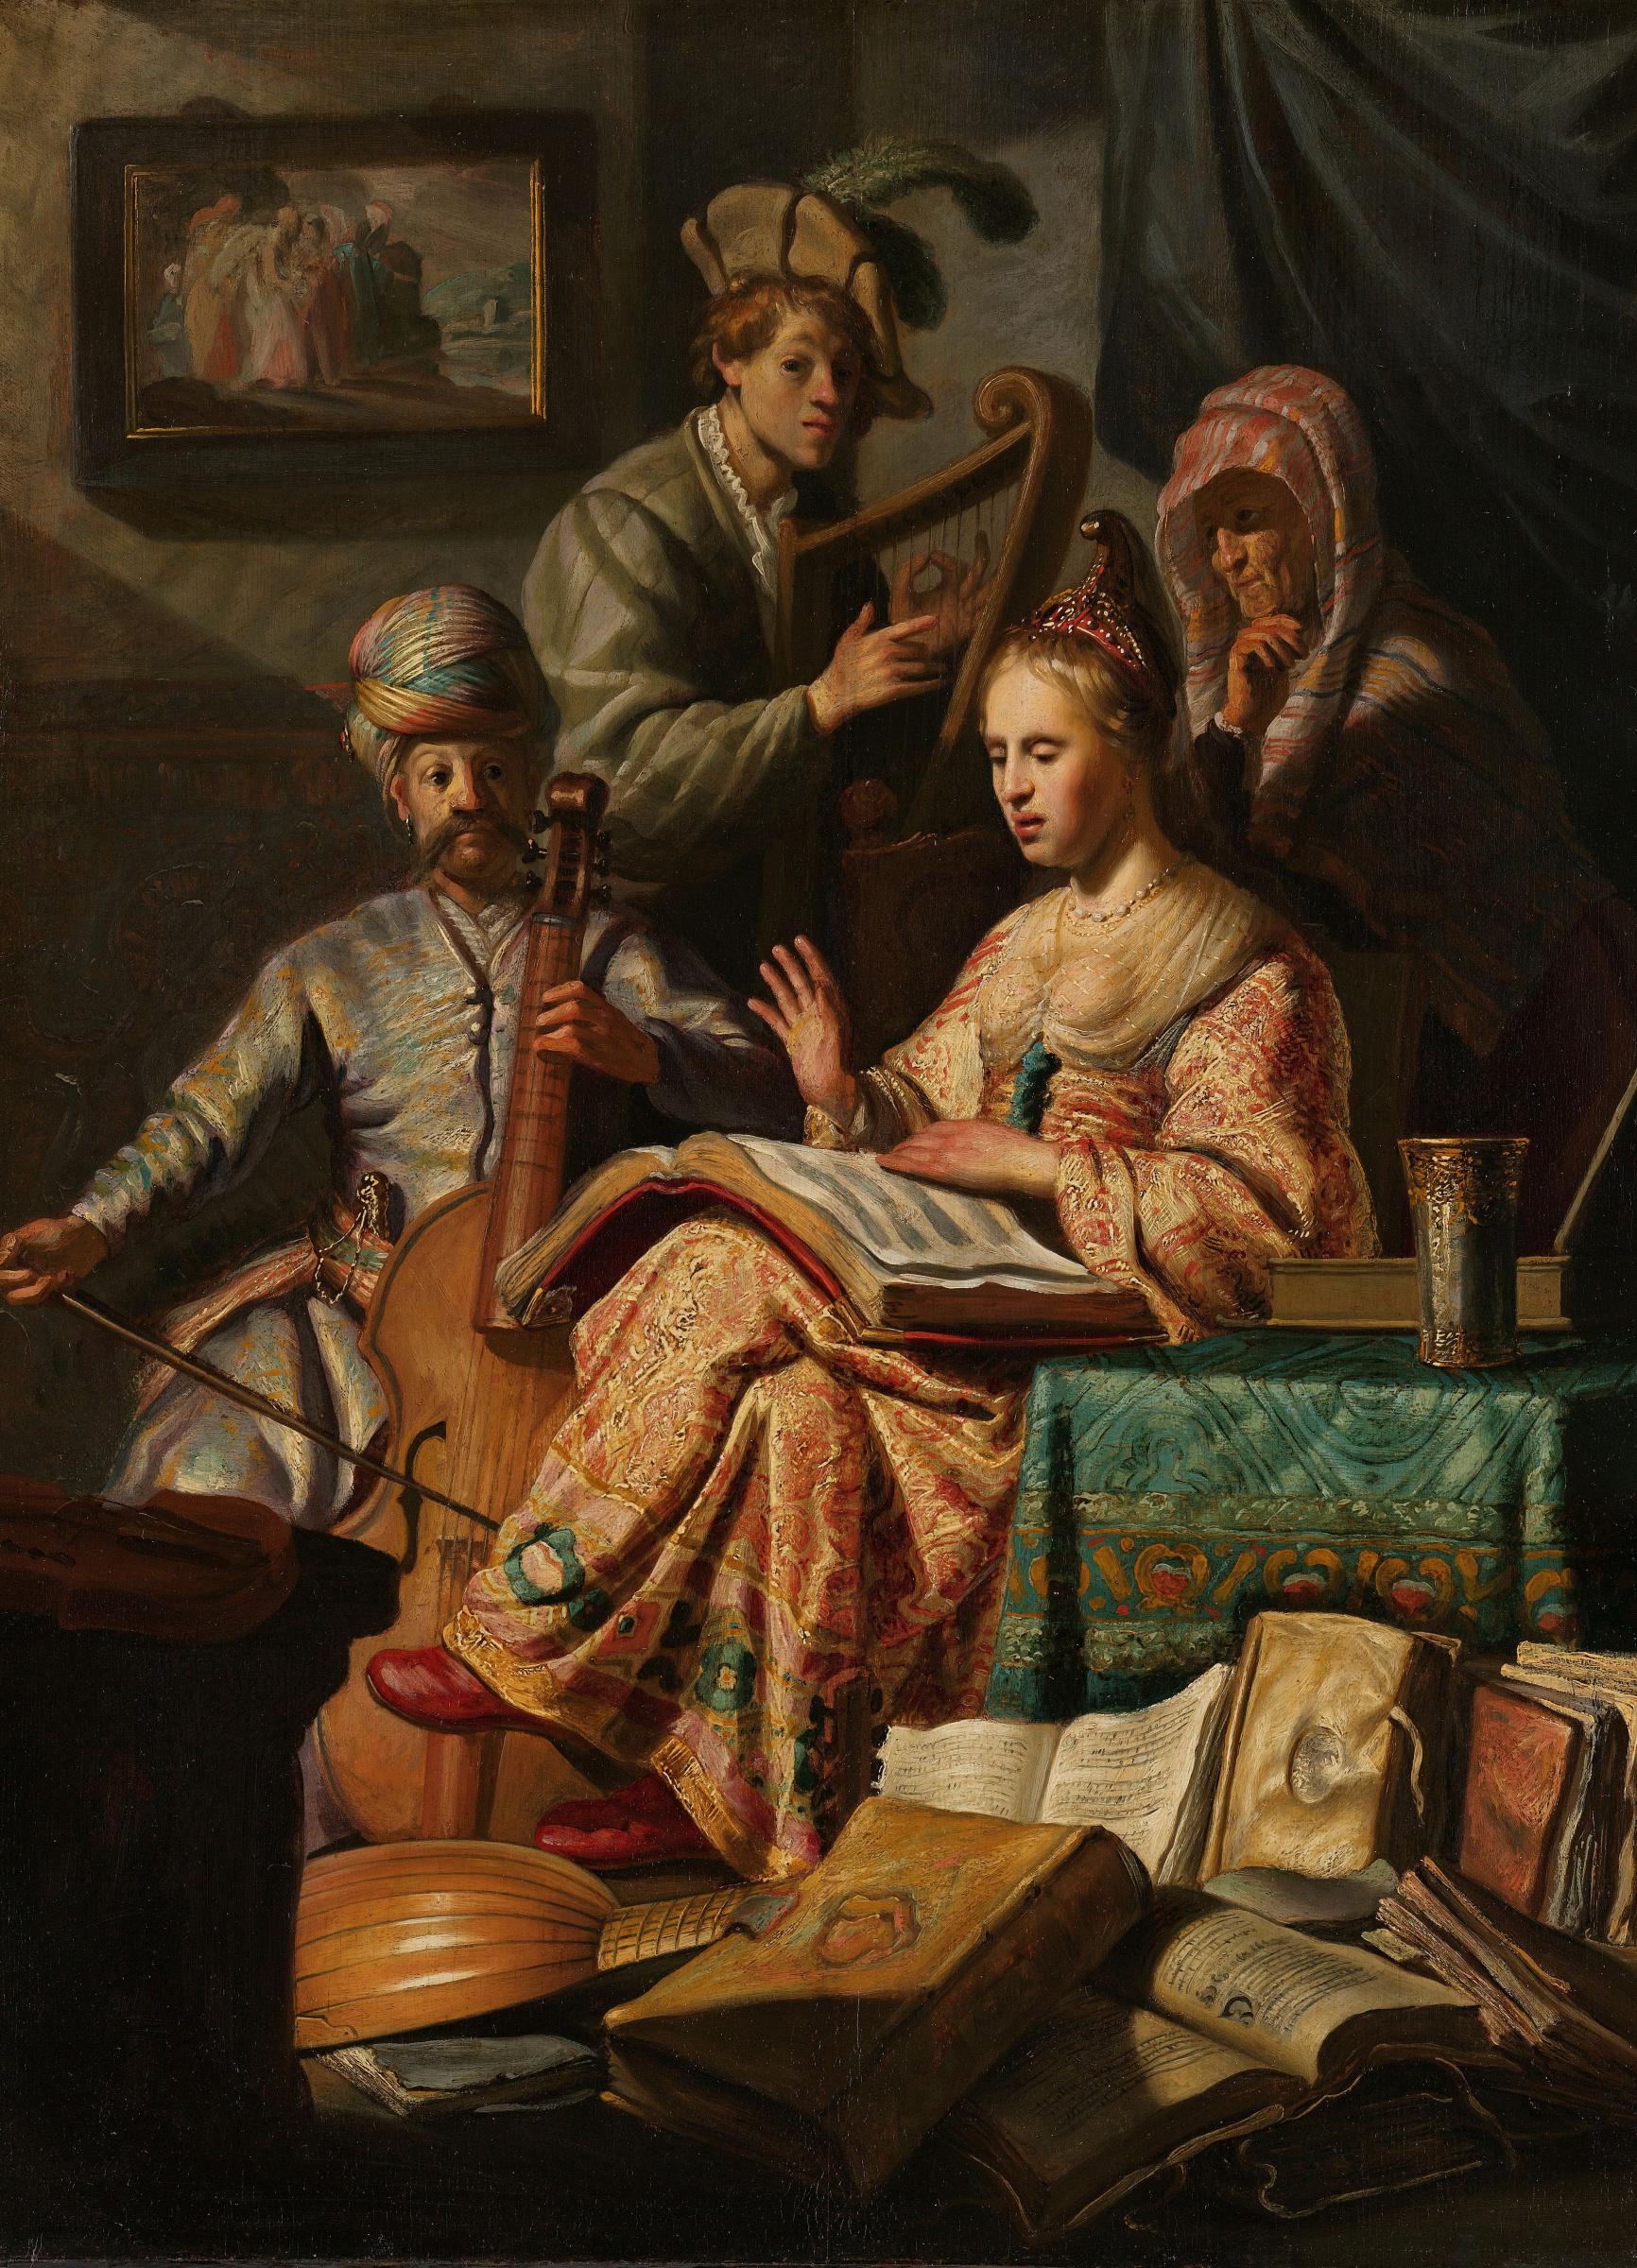 Рембрандт Харменс ван Рейн. Музыкальная компания